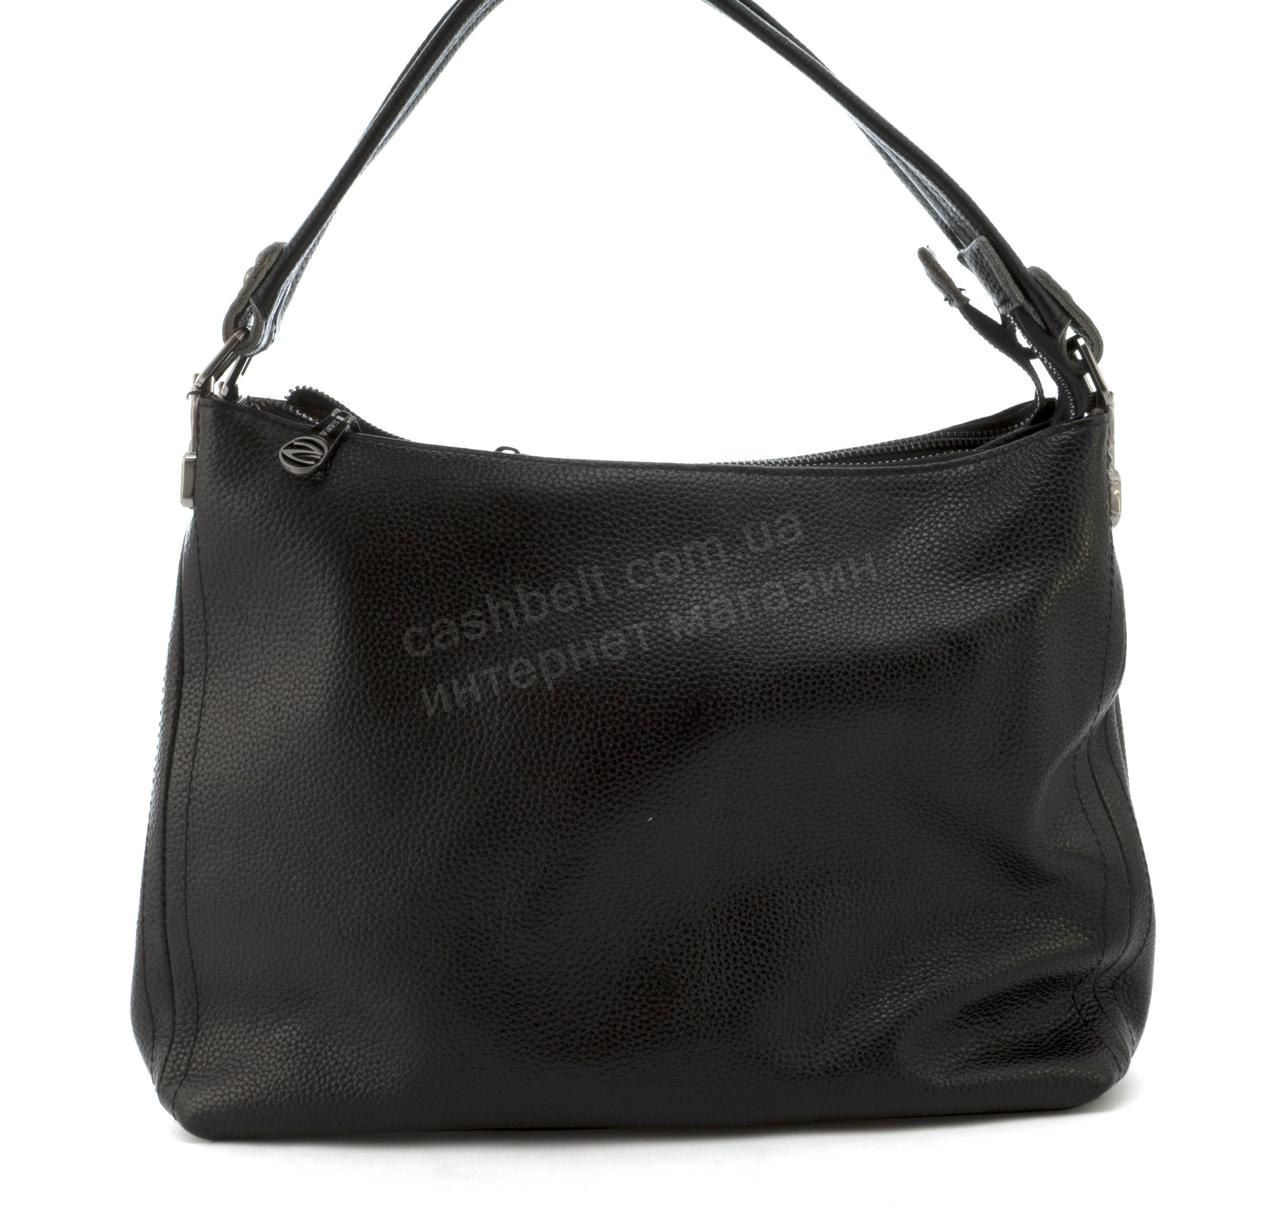 d6c87b533133 Вместительная стильная прочная кожаная женская мягкая сумка SARA art. 5015  черный